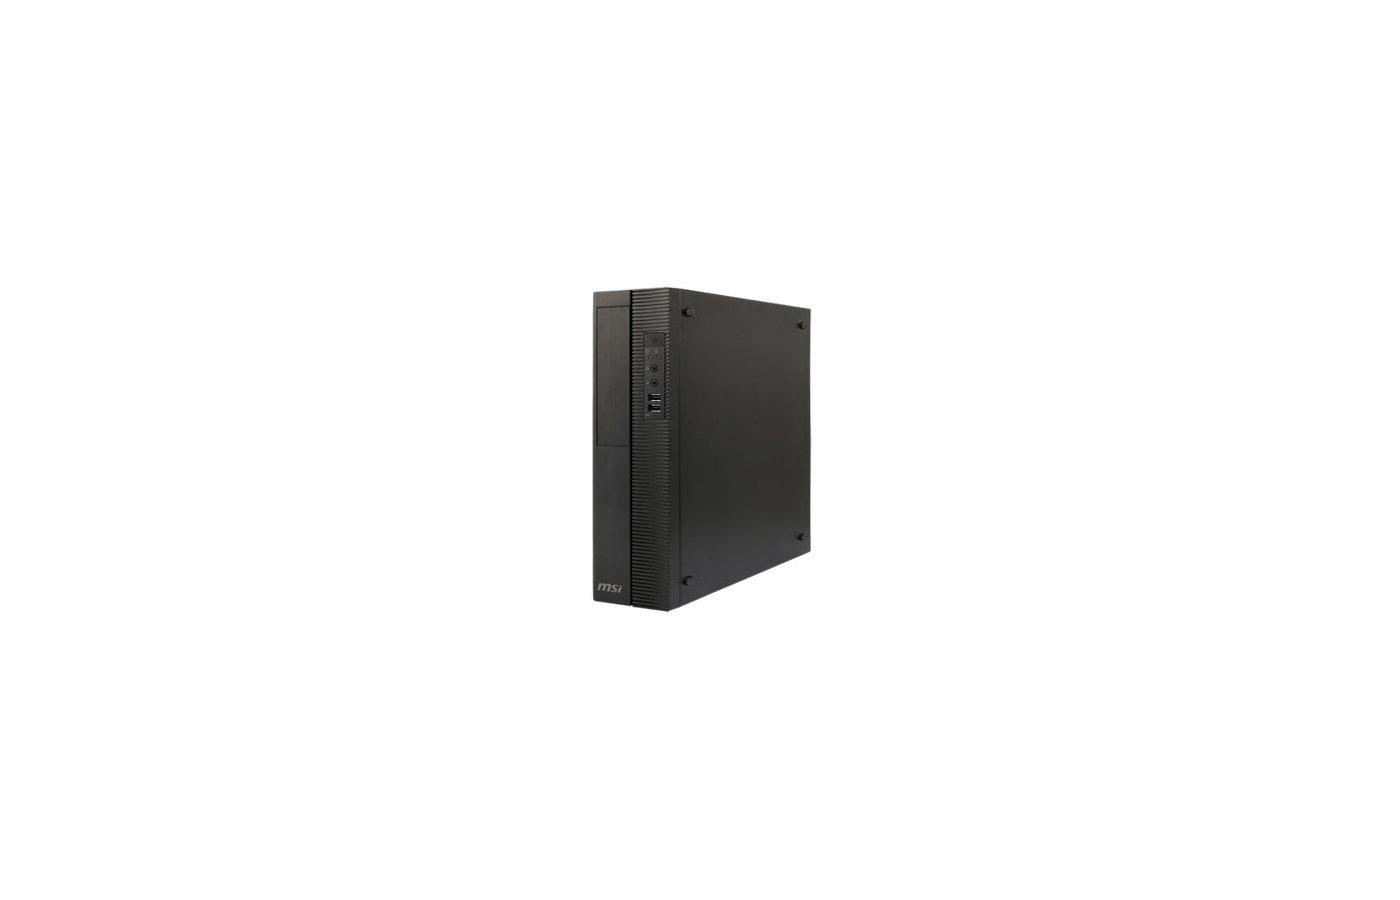 Системный блок MSI ProBox130 2M-031XRU (9S6B08411031)